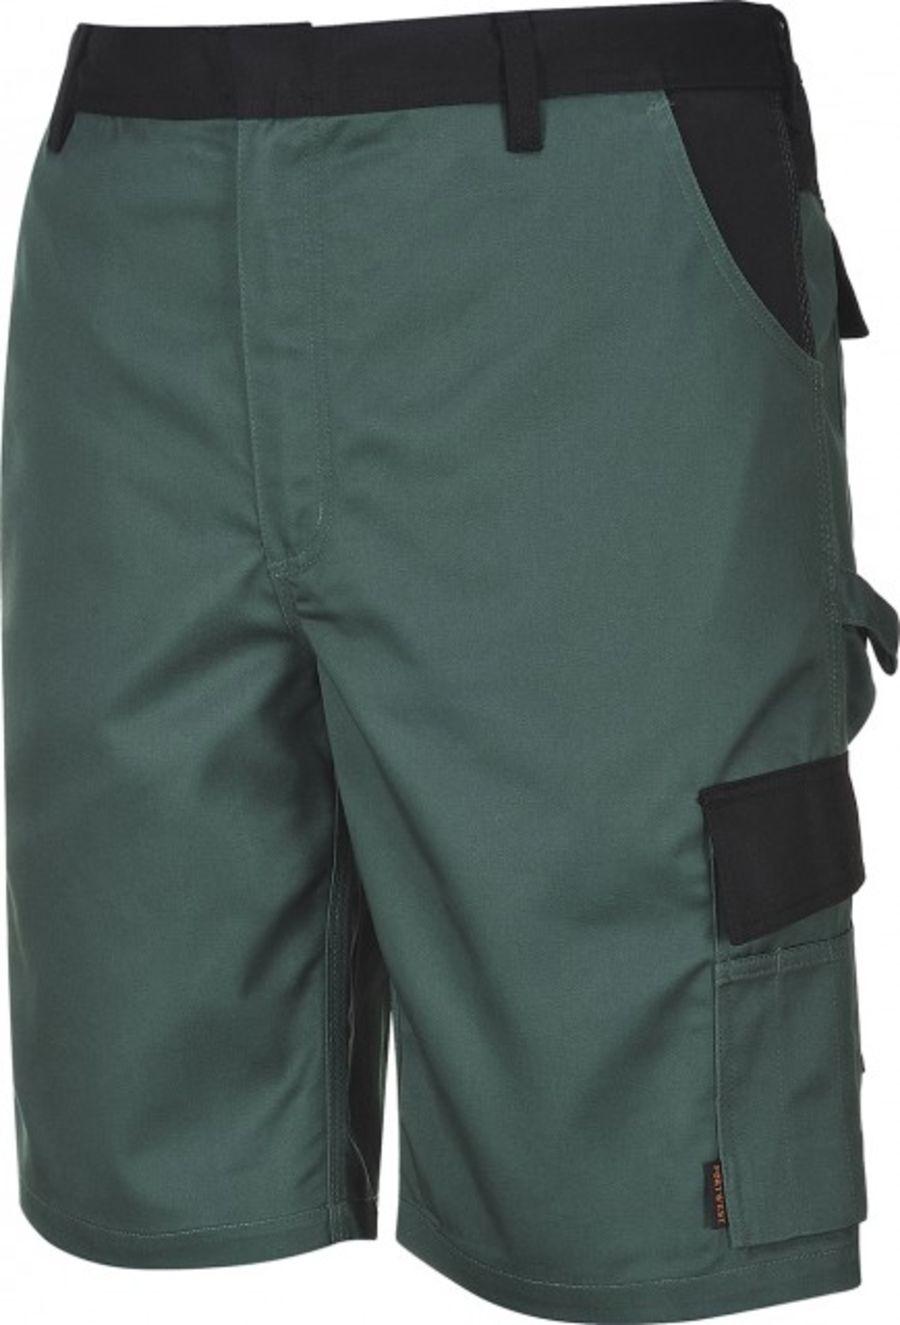 Portwest Cologne Shorts